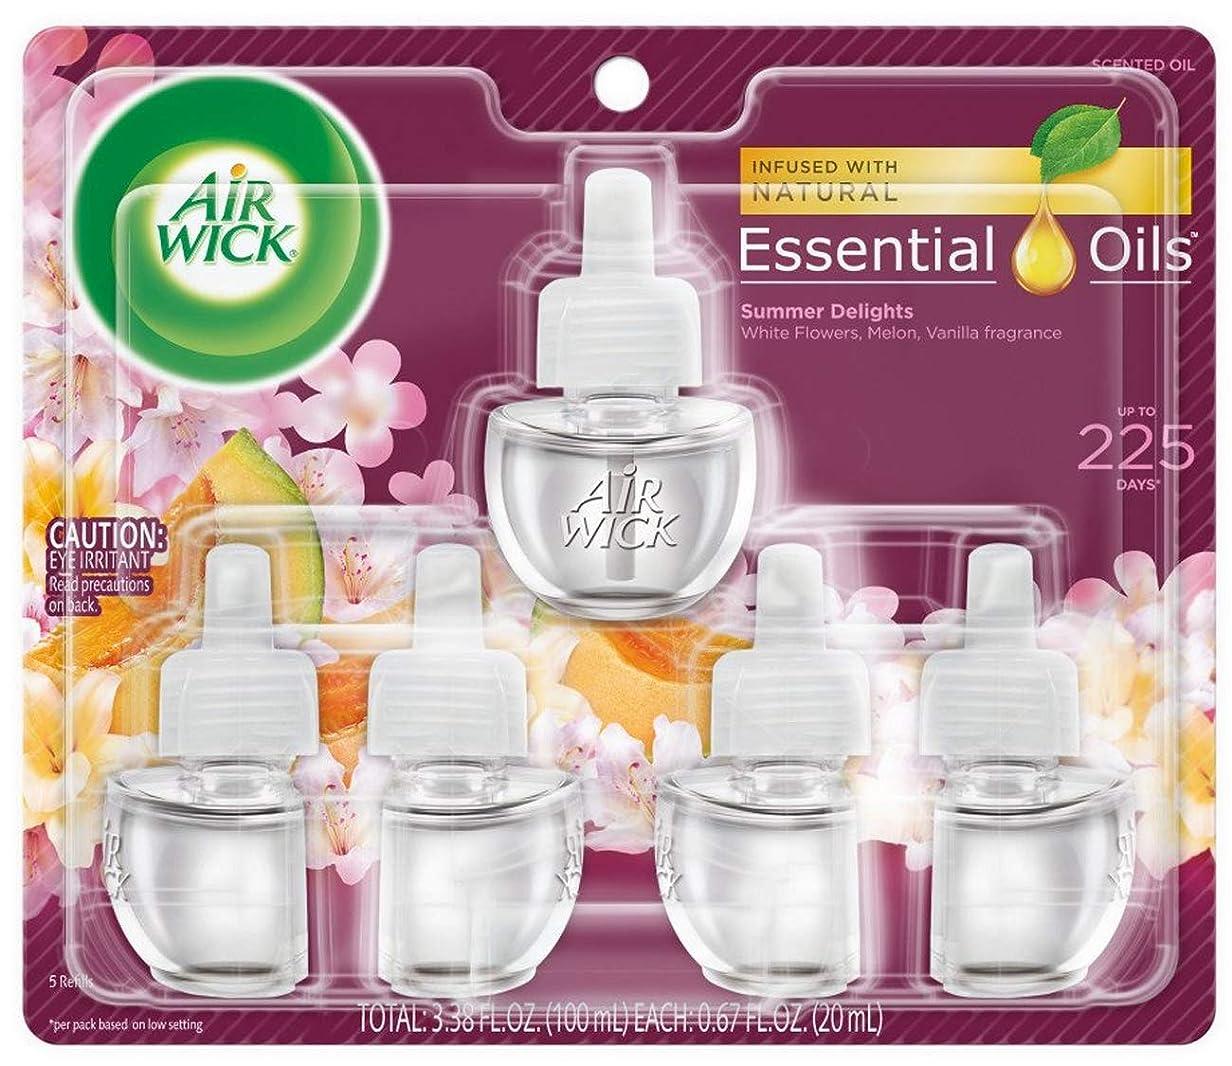 規定印象的とにかくエアーウィック オイル プラグイン 詰替ボトル フレグランス 芳香剤 サマーデライト 20ml 5個セット Air Wick 海外直送